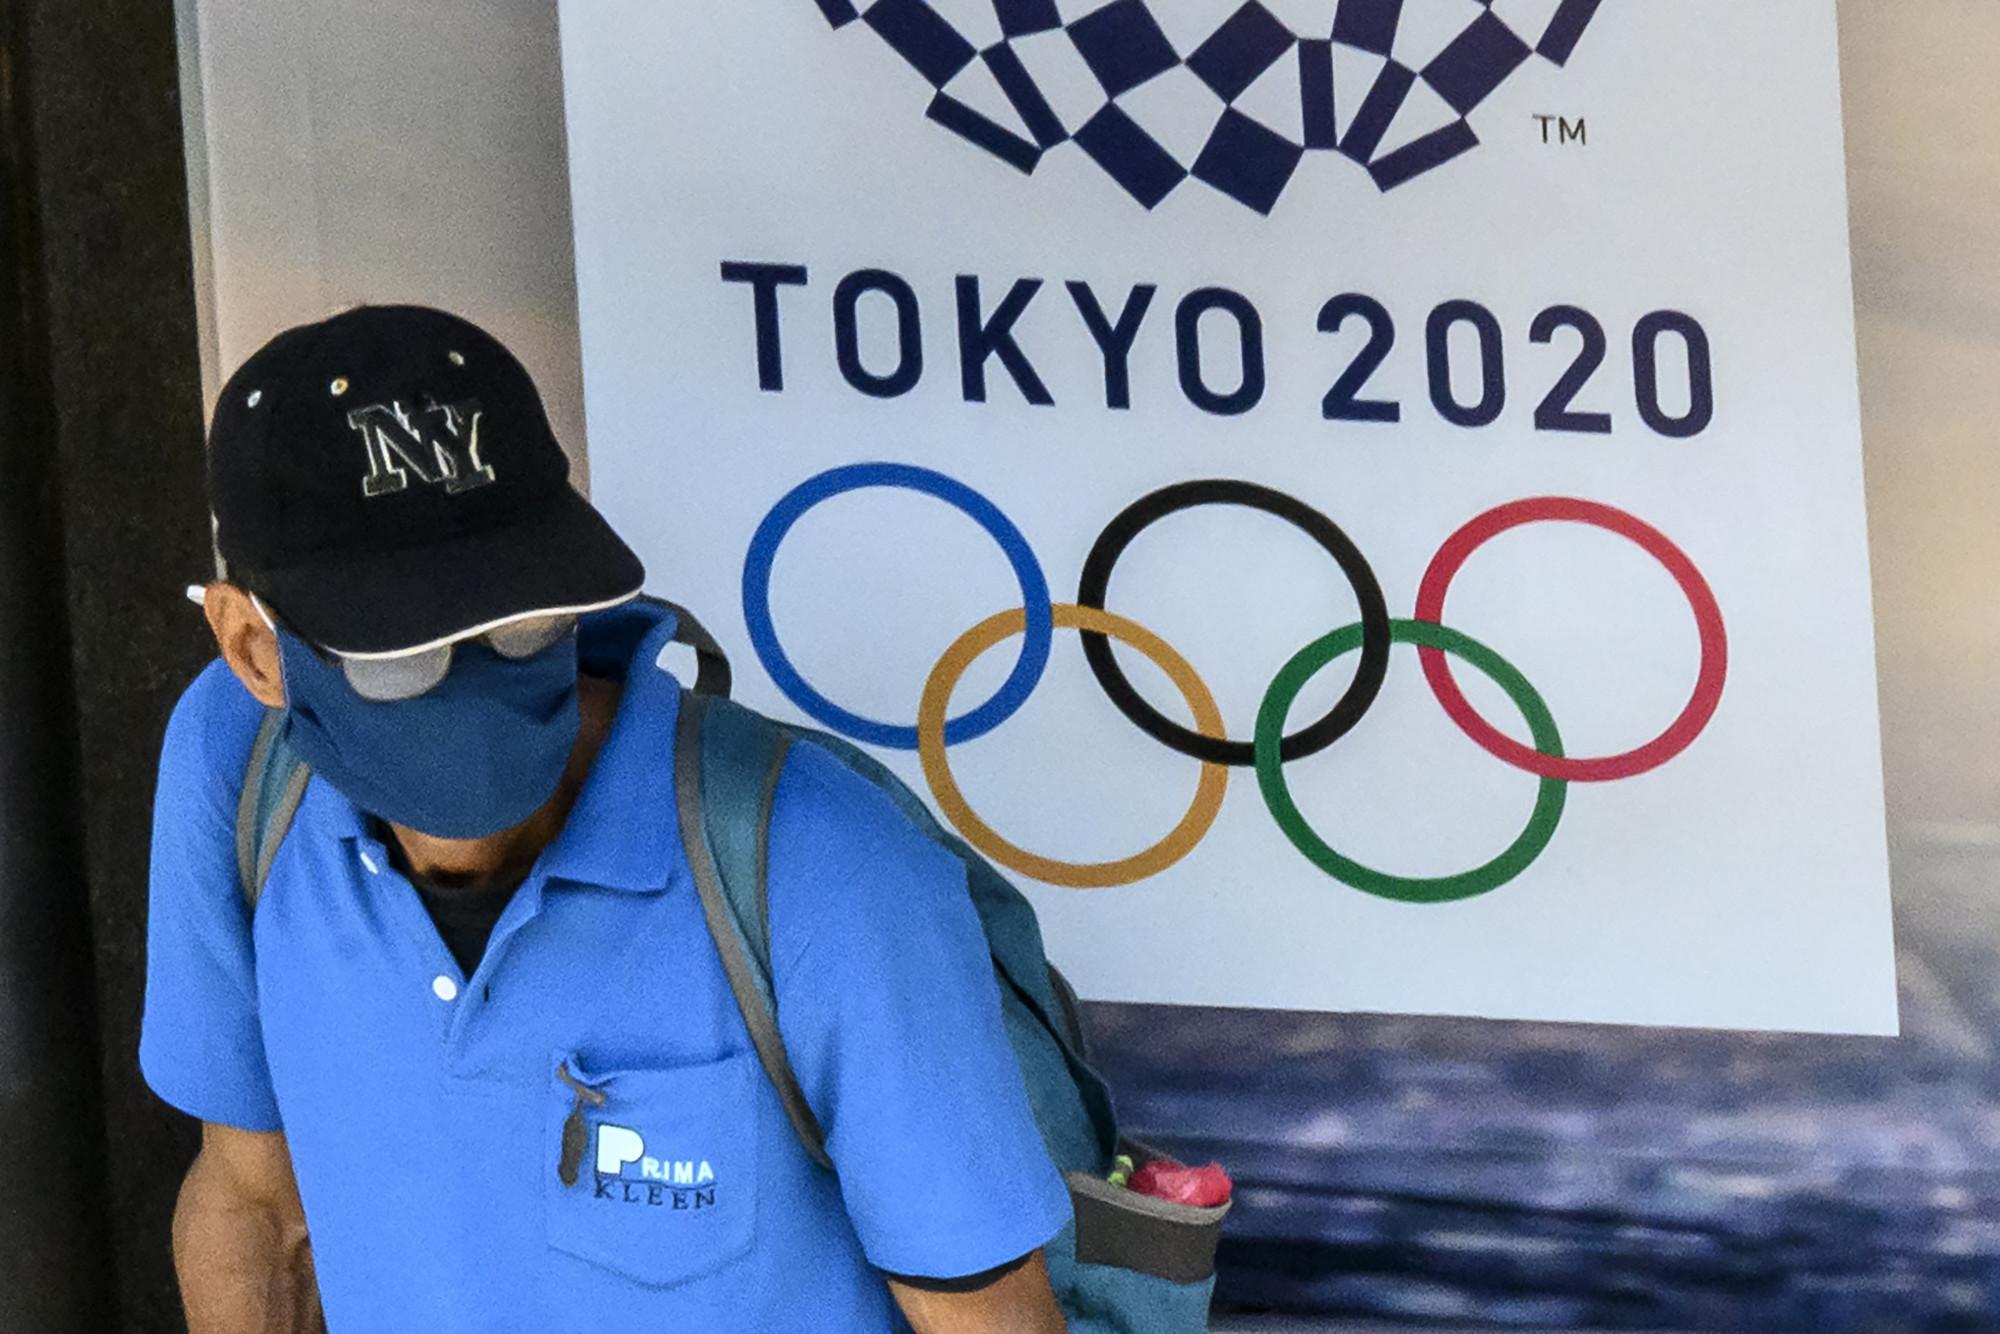 中共病毒疫情猛烈 安倍:推遲東京奧運到2021年